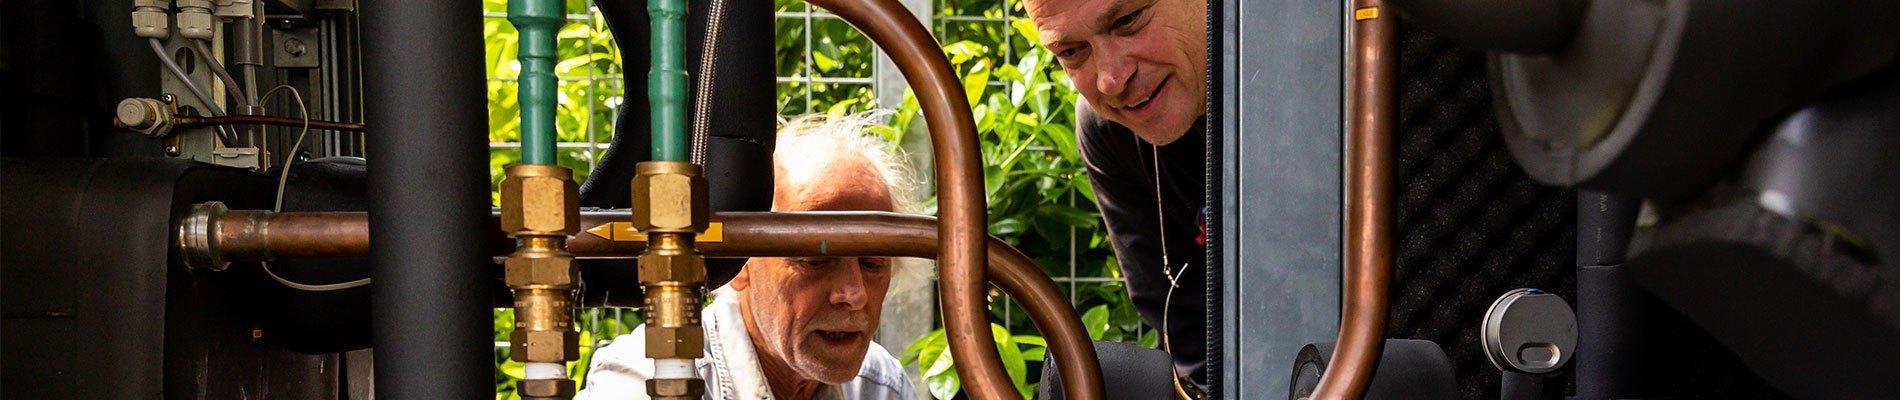 Twee mannen bekijken koeling